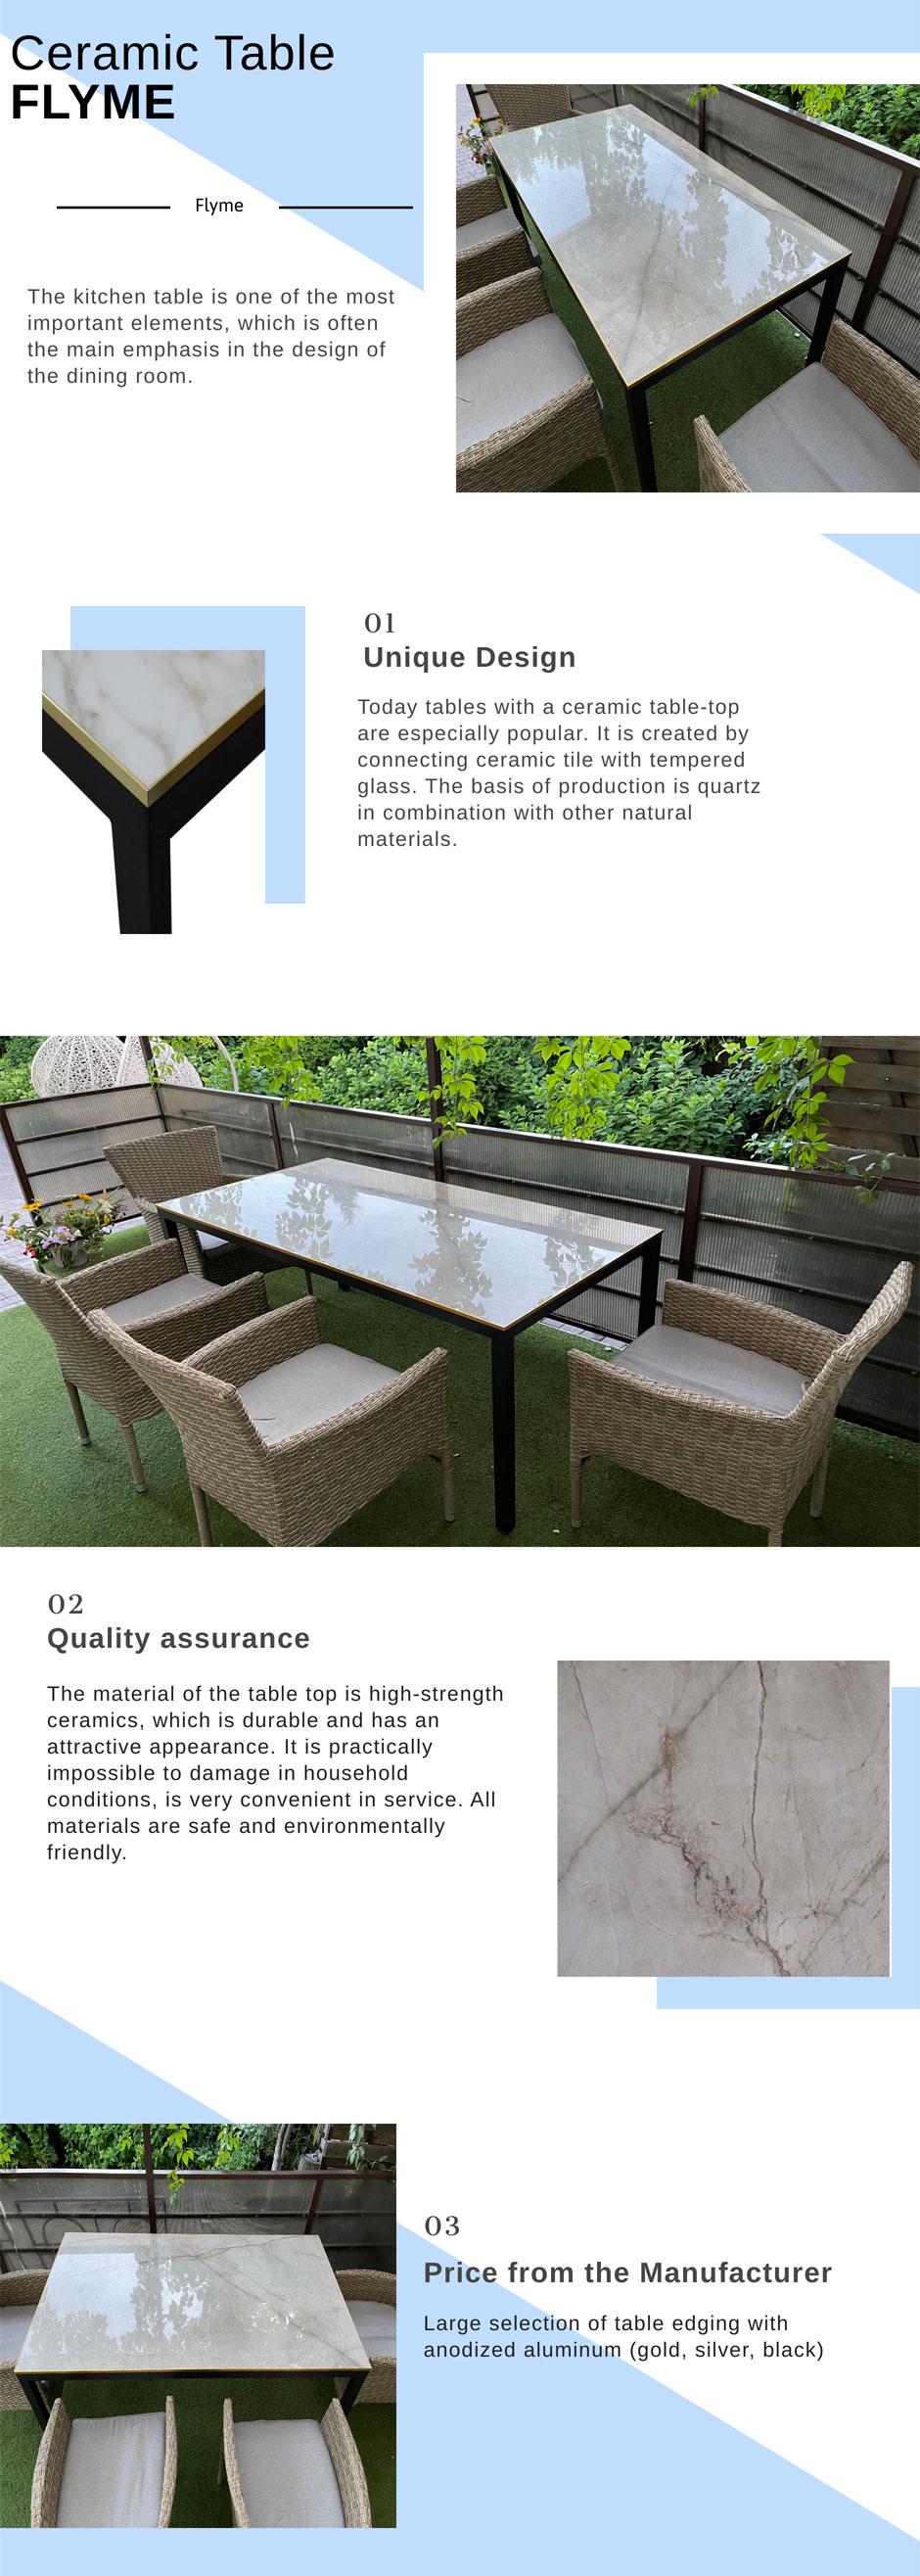 ceramic table beight